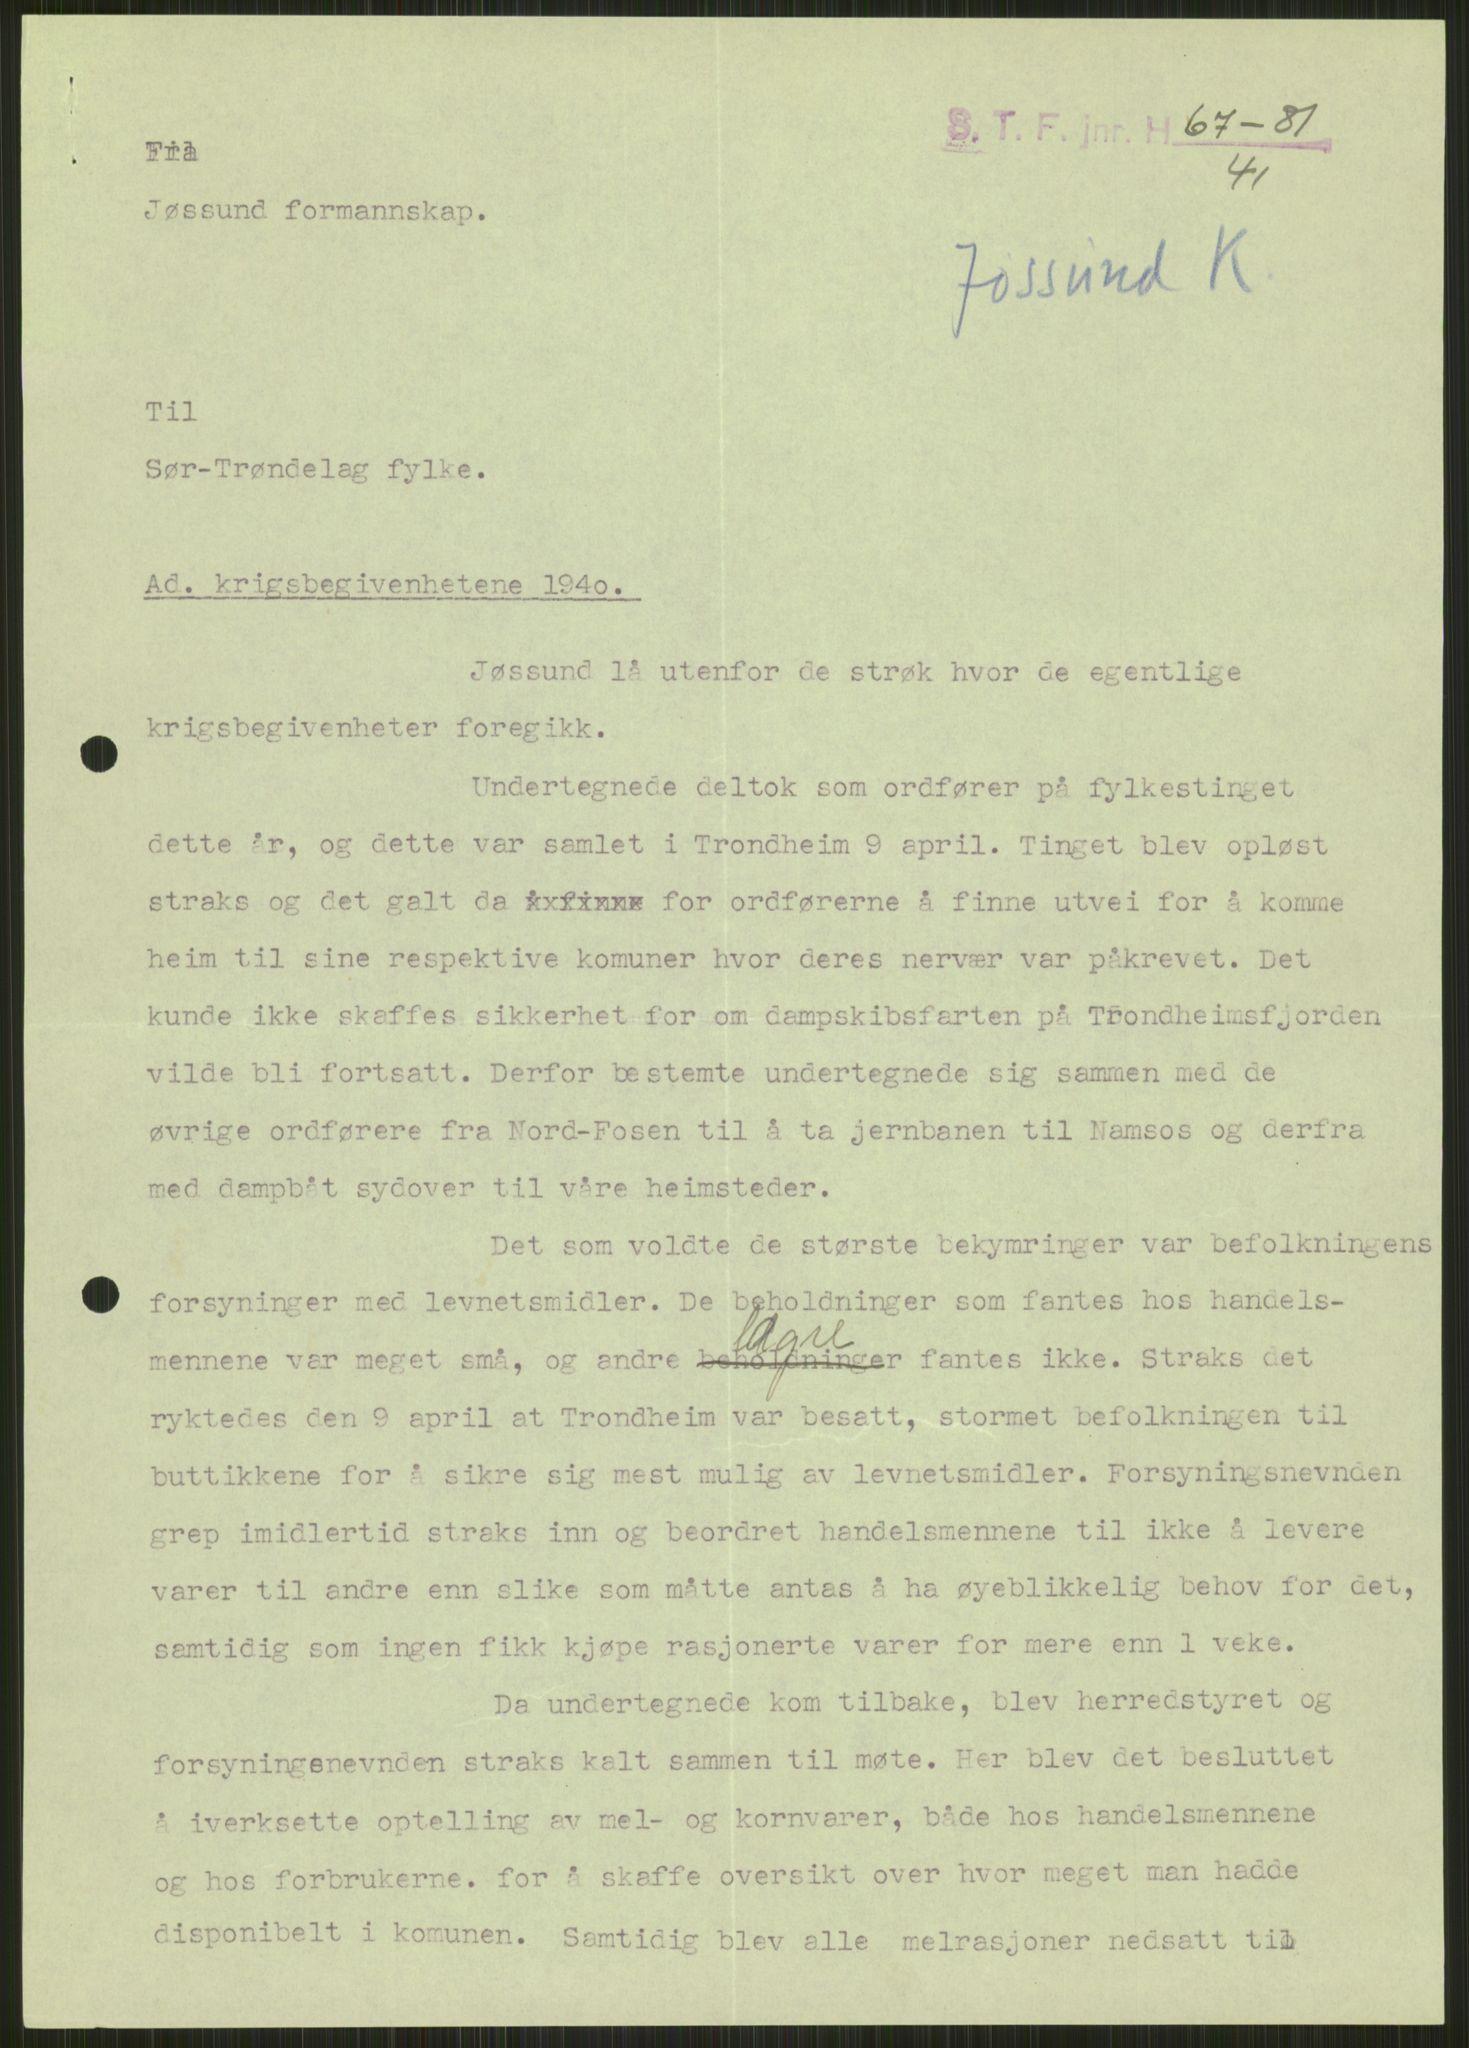 RA, Forsvaret, Forsvarets krigshistoriske avdeling, Y/Ya/L0016: II-C-11-31 - Fylkesmenn.  Rapporter om krigsbegivenhetene 1940., 1940, s. 19